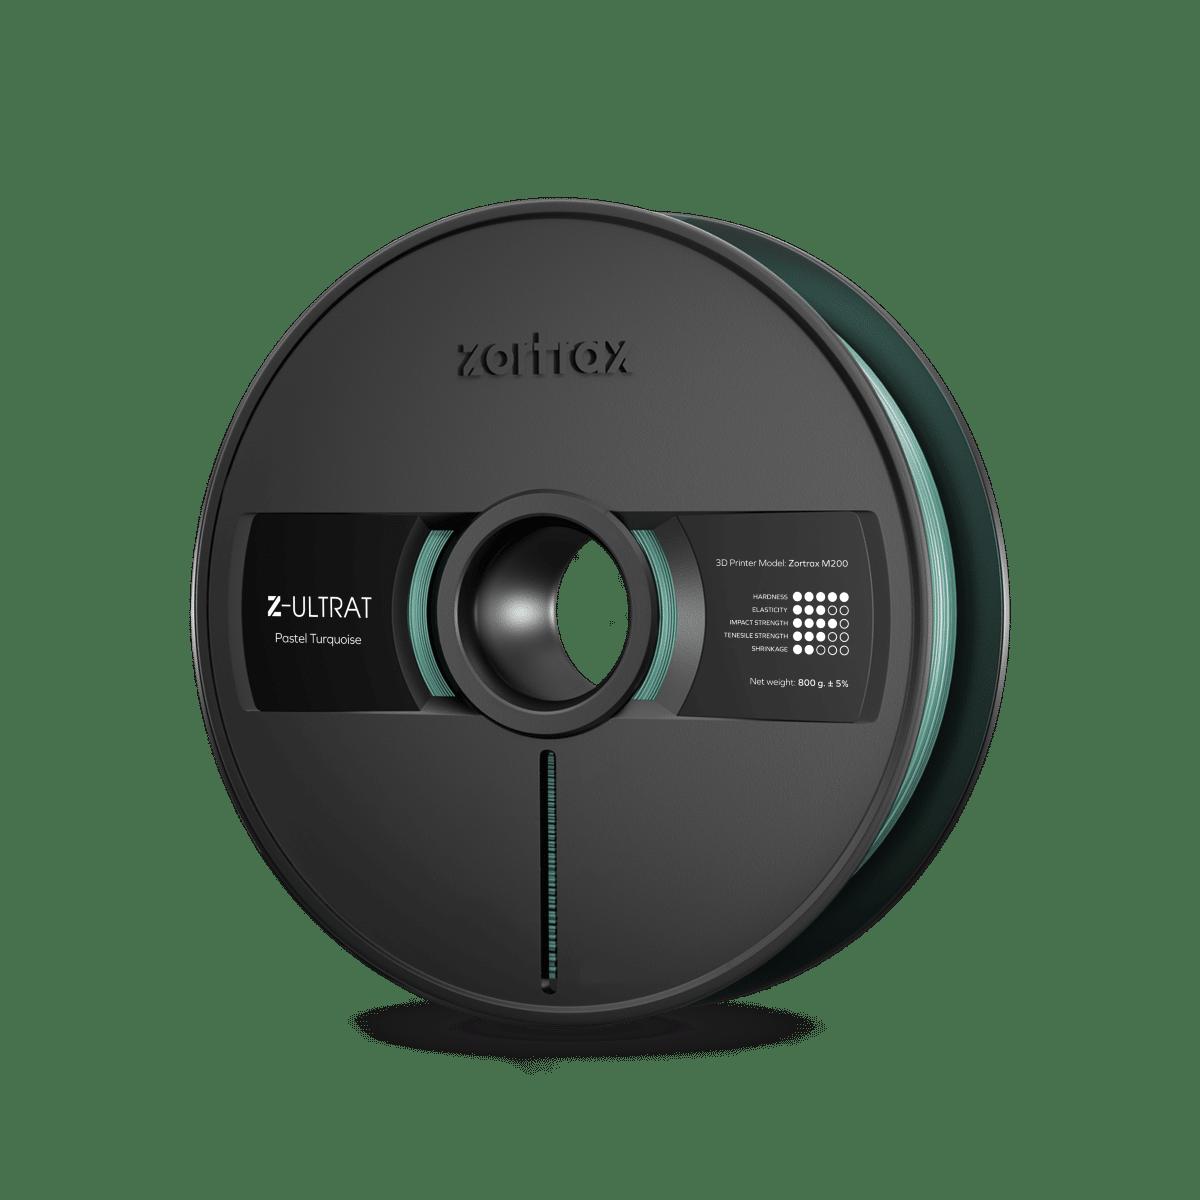 Billede af Zortrax Z-ULTRAT - 1.75mm - 800g - Pastel Turquoise